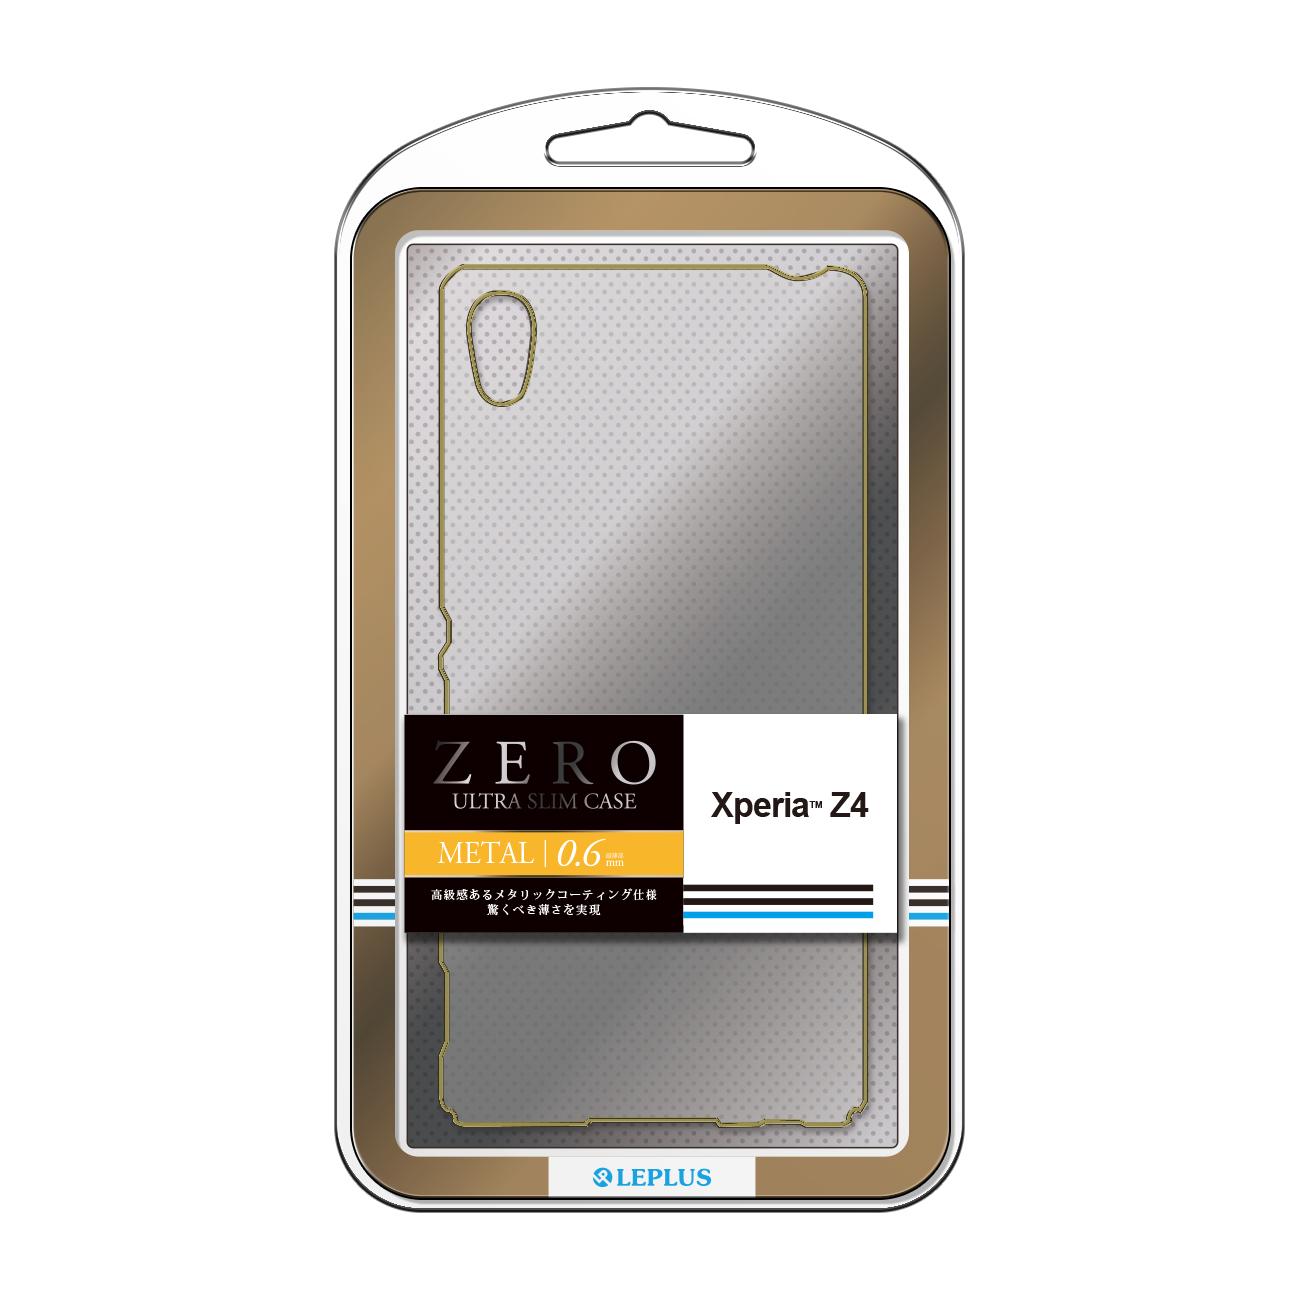 Xperia(TM) Z4 SO-03G/SOV31/402SO 超極薄ハードケース「ZERO METAL」 クリア&ゴールド